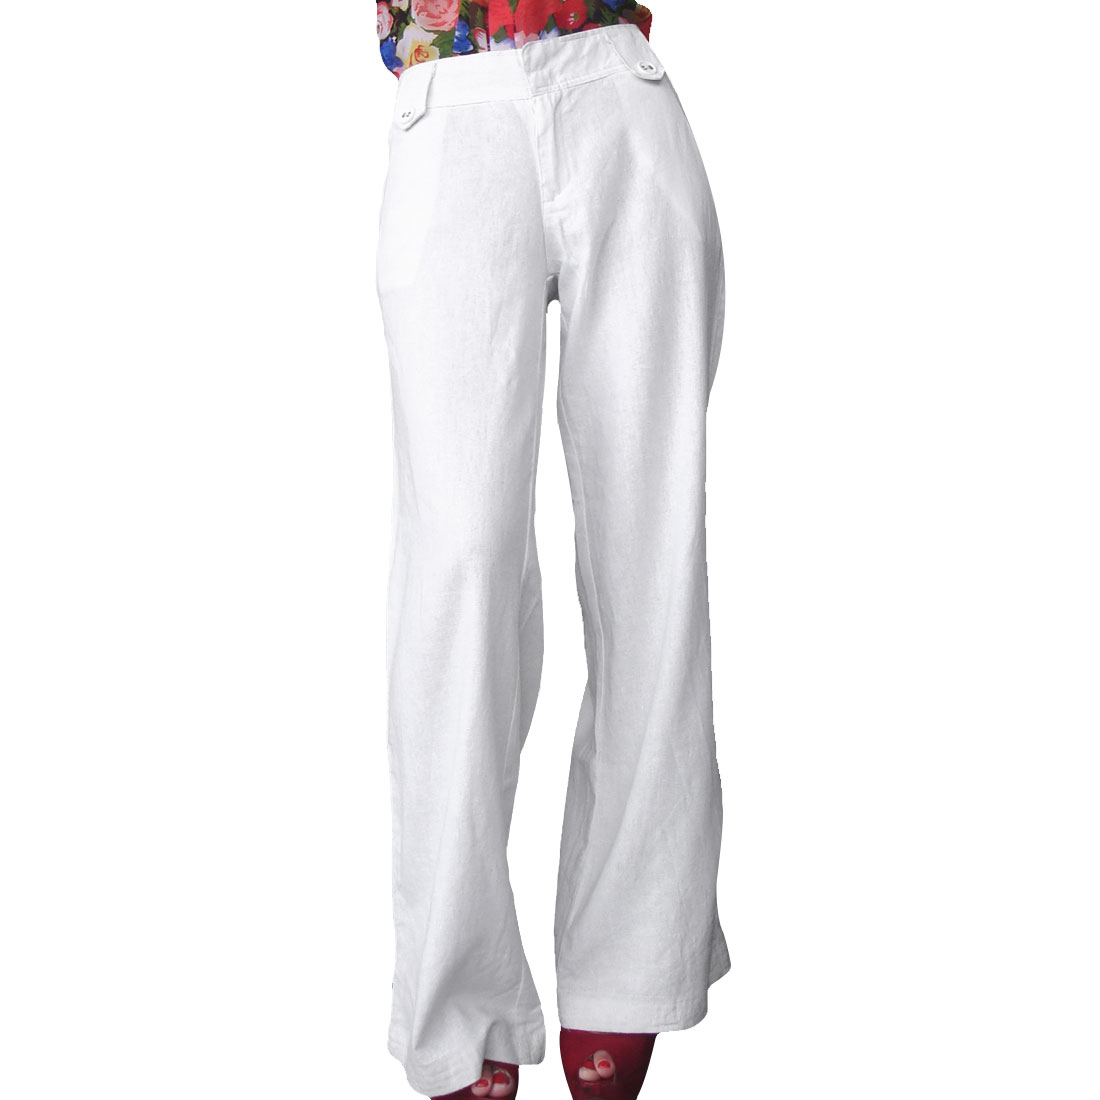 Women Leisure Solid Color Slanting Pockets Zip Trousers Pants White L